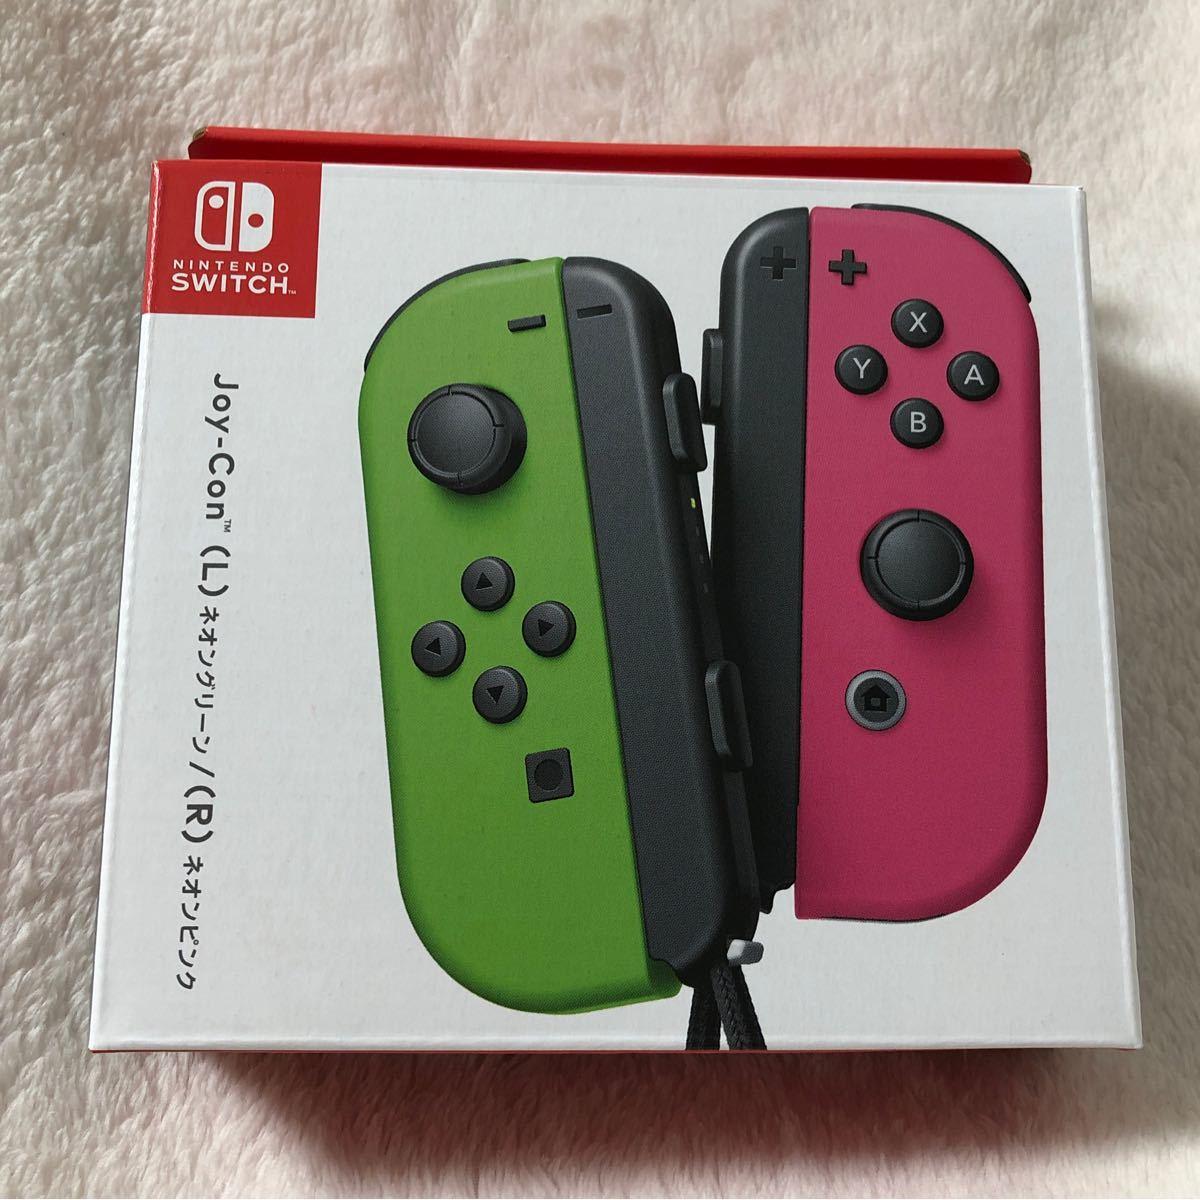 ネオンピンク ネオングリーン ジョイコン Joy-Con (L) Nintendo Switch Joy-Con